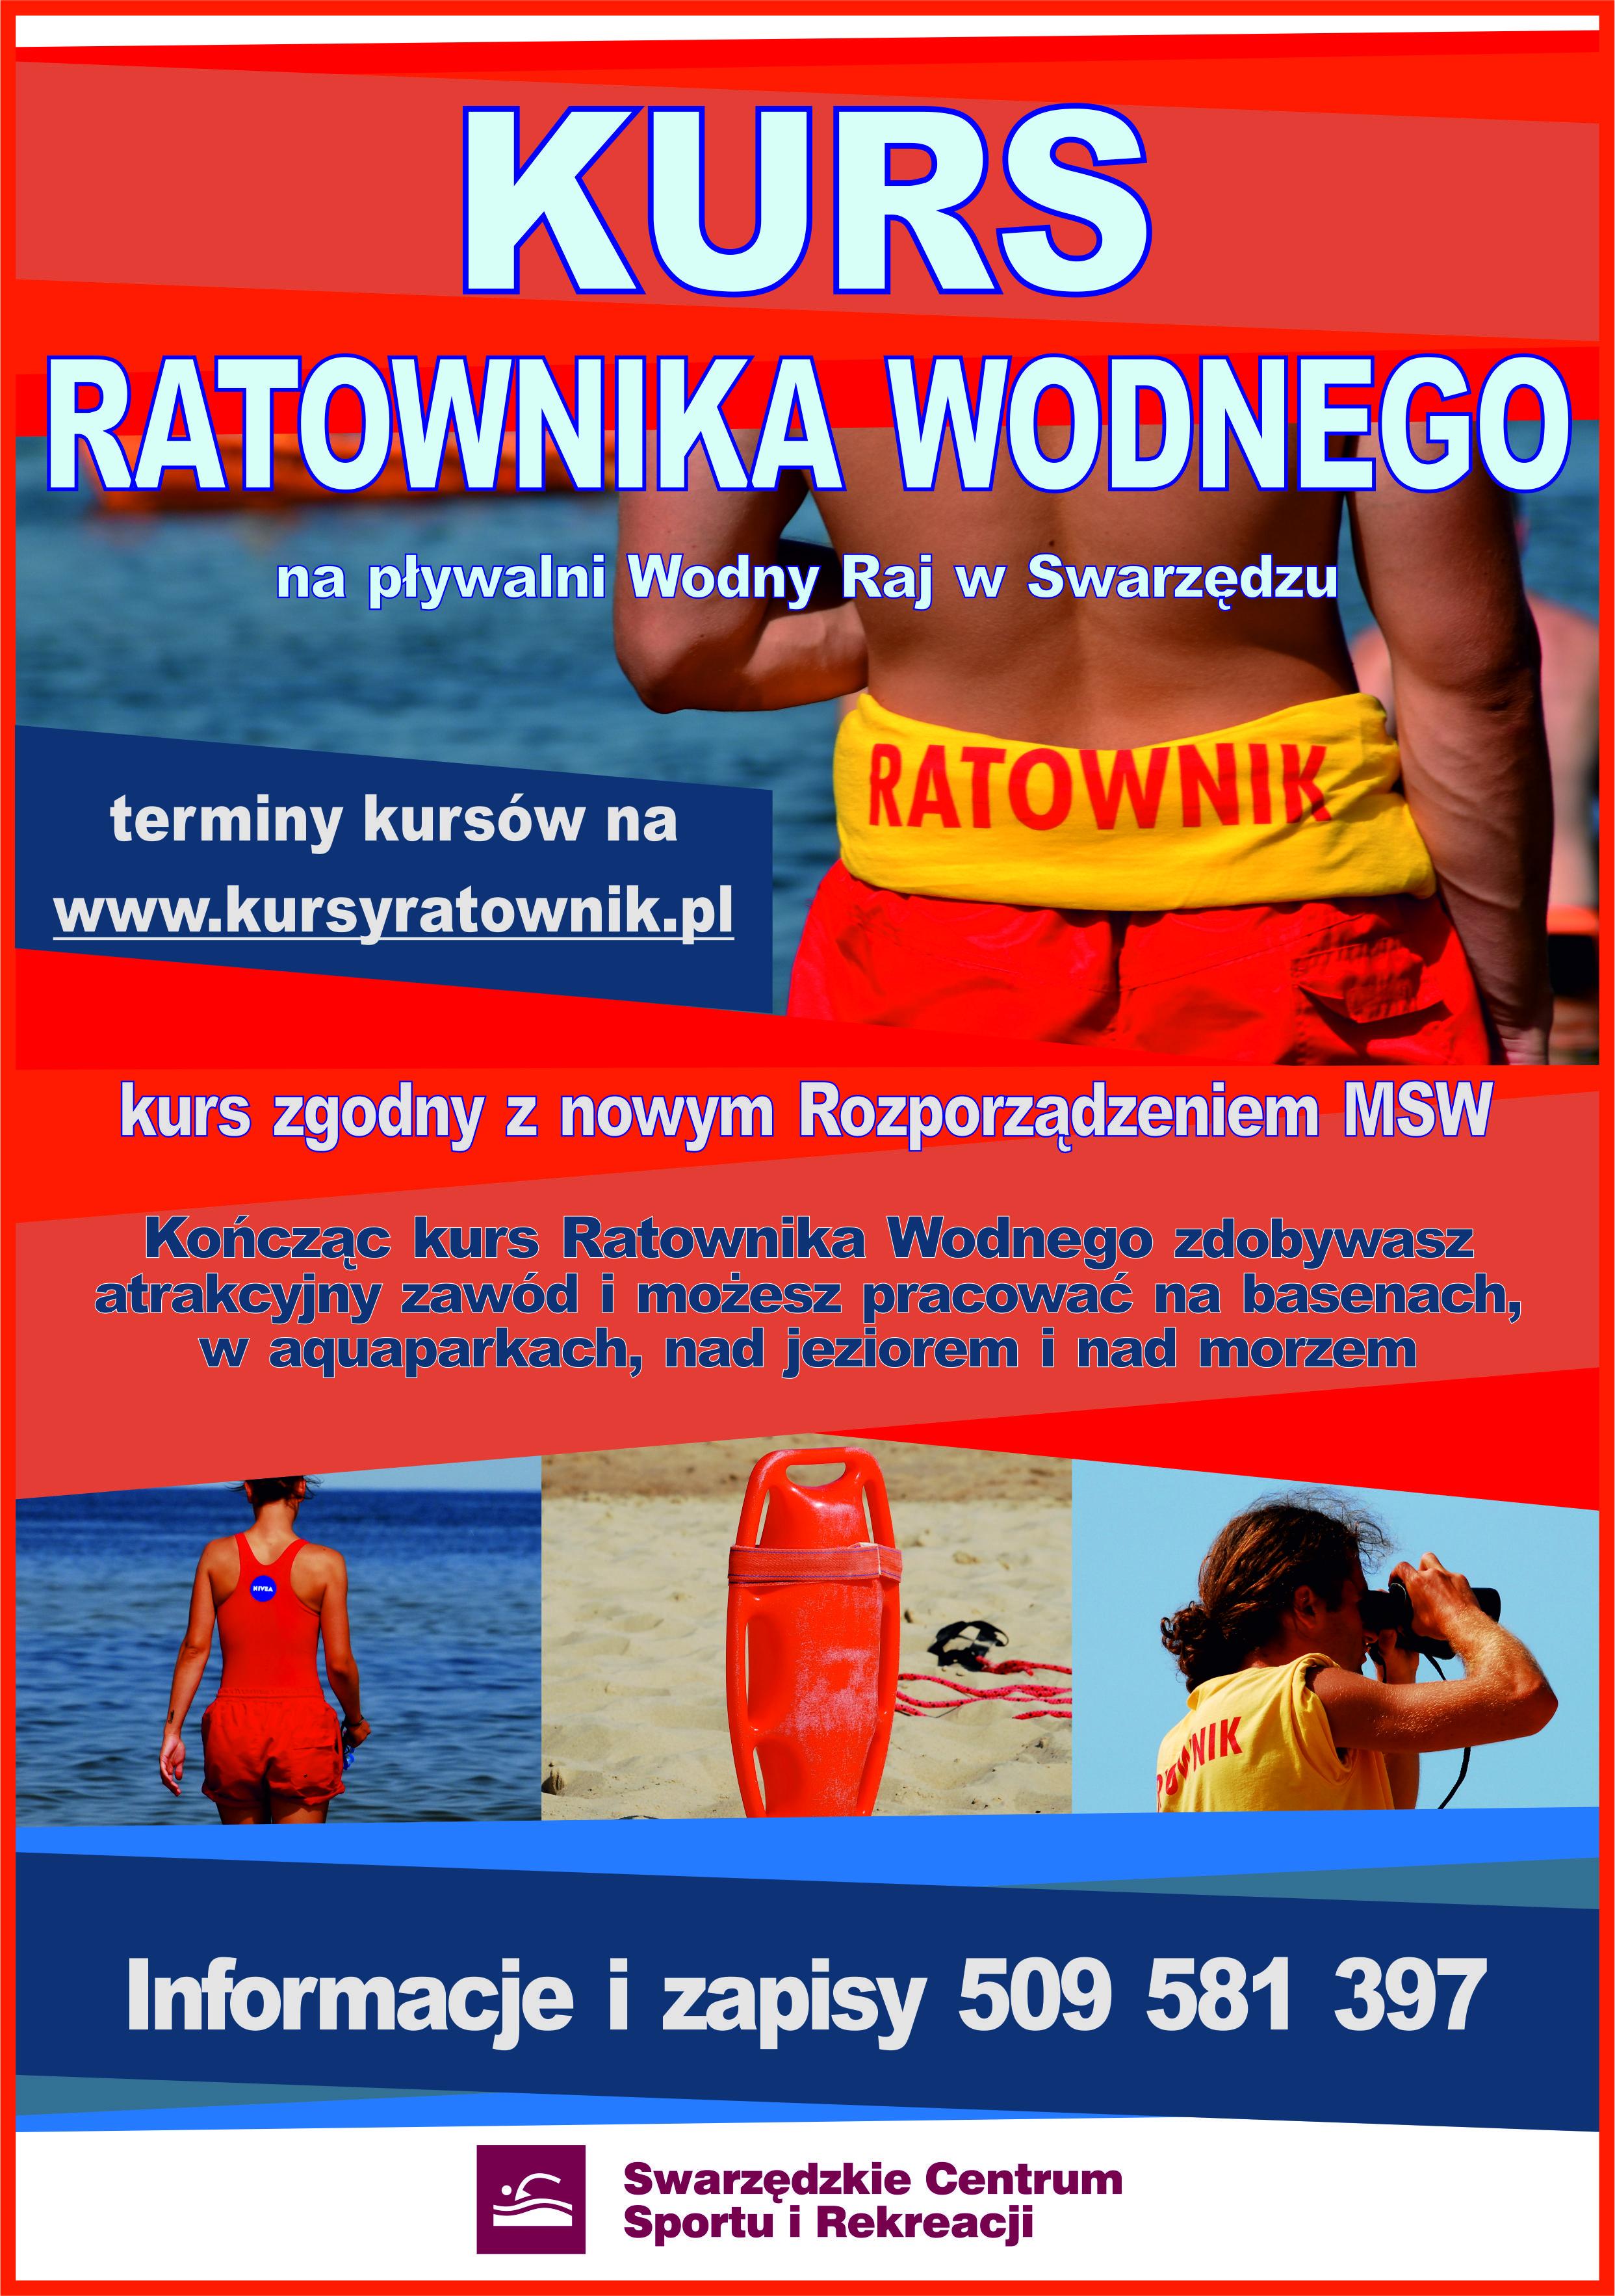 Kurs Ratownika Wodnego - Basen Wodny Raj w Swarzędzu